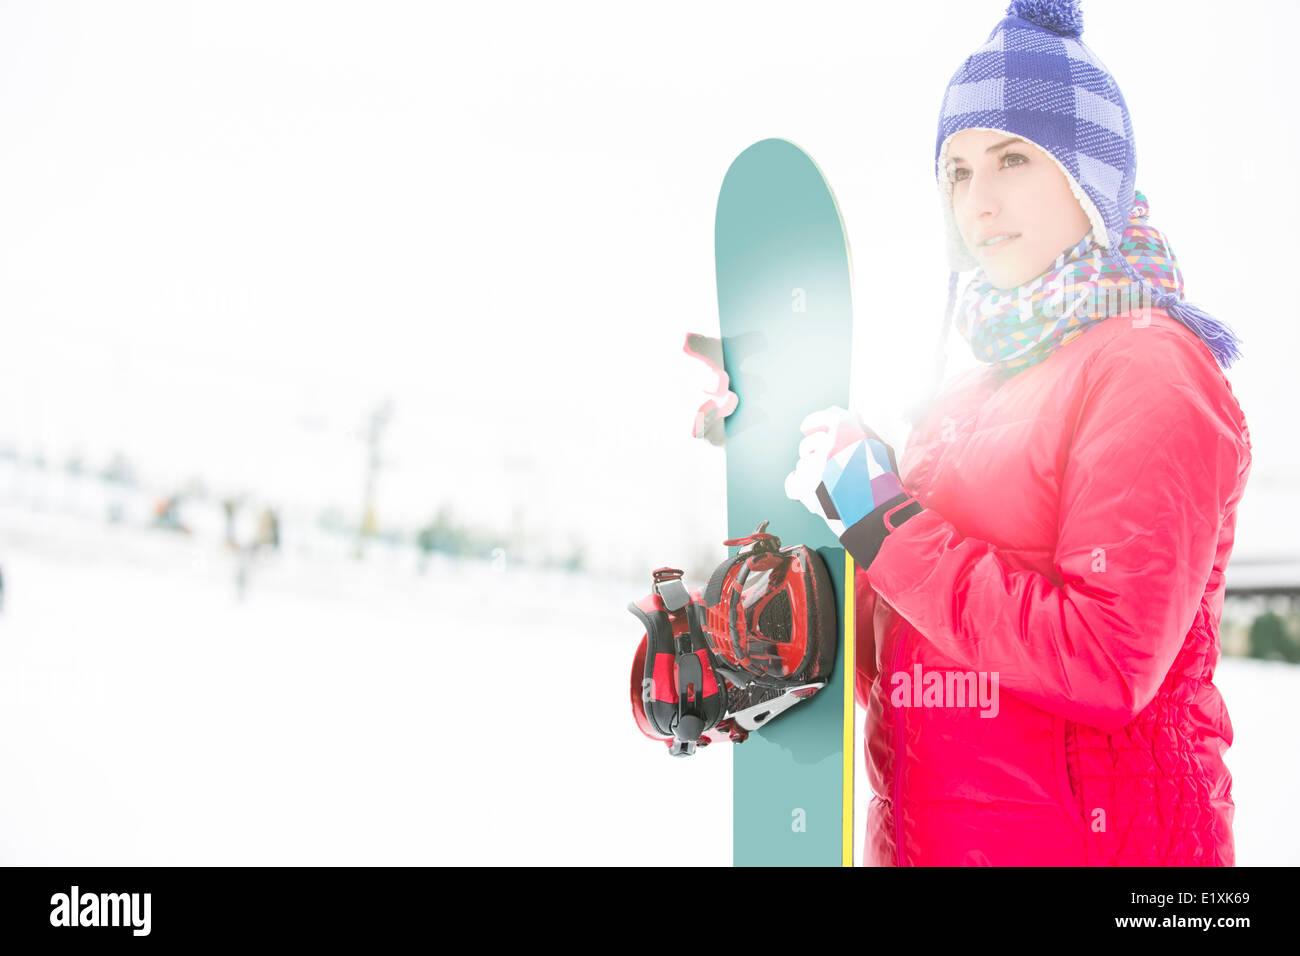 Bella giovane donna in abiti caldi holding snowboard durante la stagione invernale Immagini Stock